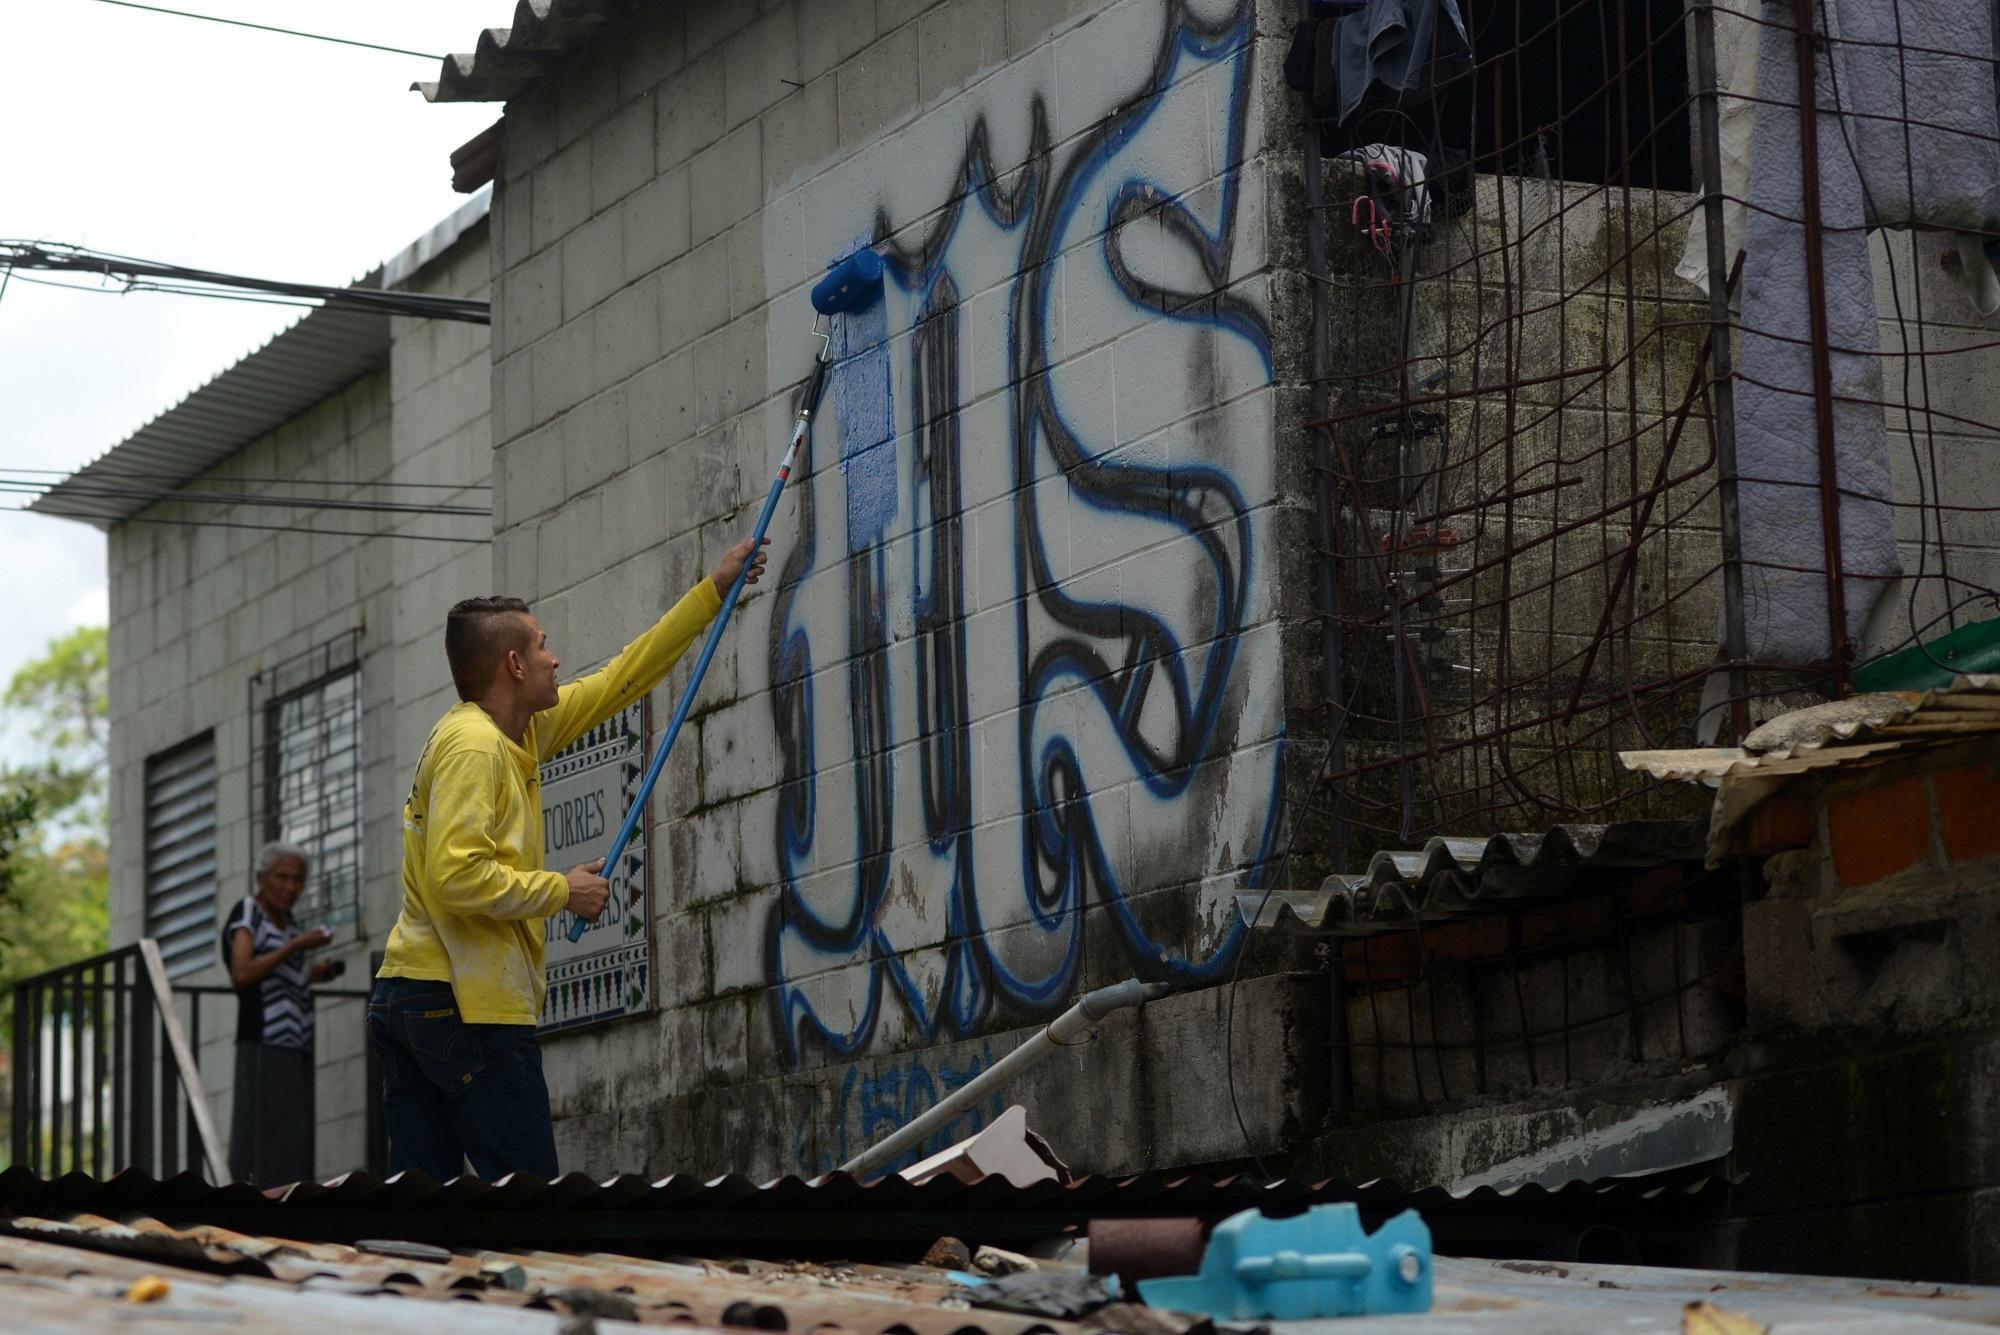 En enero de 2015, el gobierno del FMLN le apostó a la vía represiva para acabar con el fenómeno de las maras pero, más de tres años después, El Salvador aún presenta una tasa de homicidios en torno a 60 homicidios por cada 100 000 habitantes, uno de los más altas del mundo. Foto Marvin Recinos (AFP).